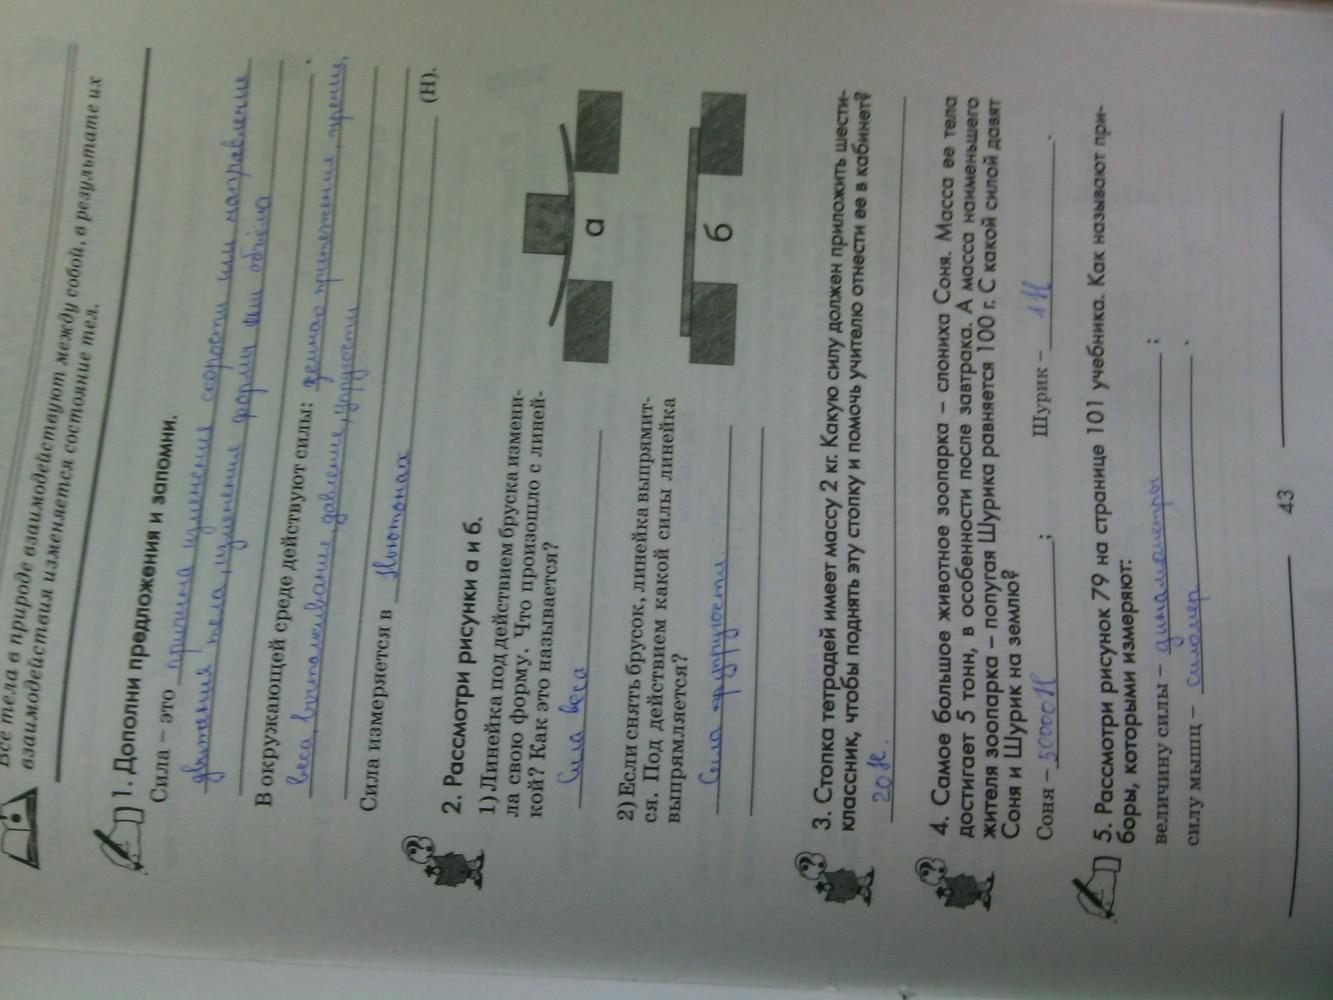 ГДЗ відповіді робочий зошит по биологии 6 класс Котик, Гусева. Задание: стр. 43